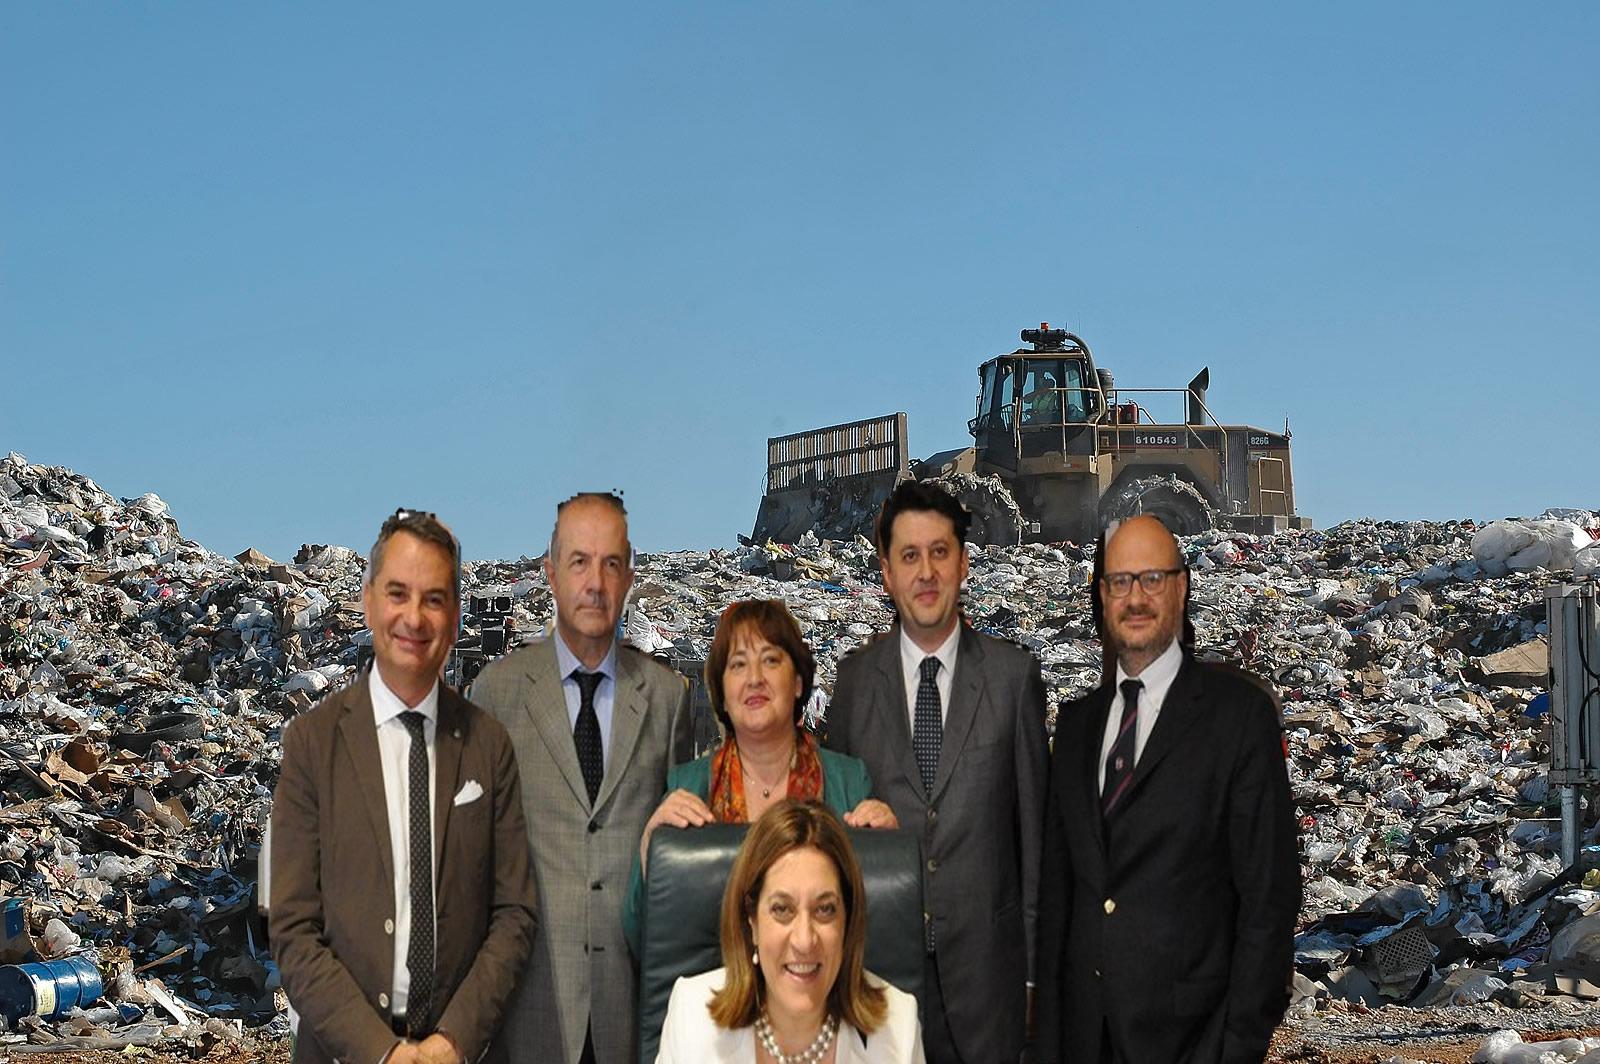 Candiani: La responsabilità politica della sinistra sulla gestione rifiuti in Umbria, è chiara ed evidente